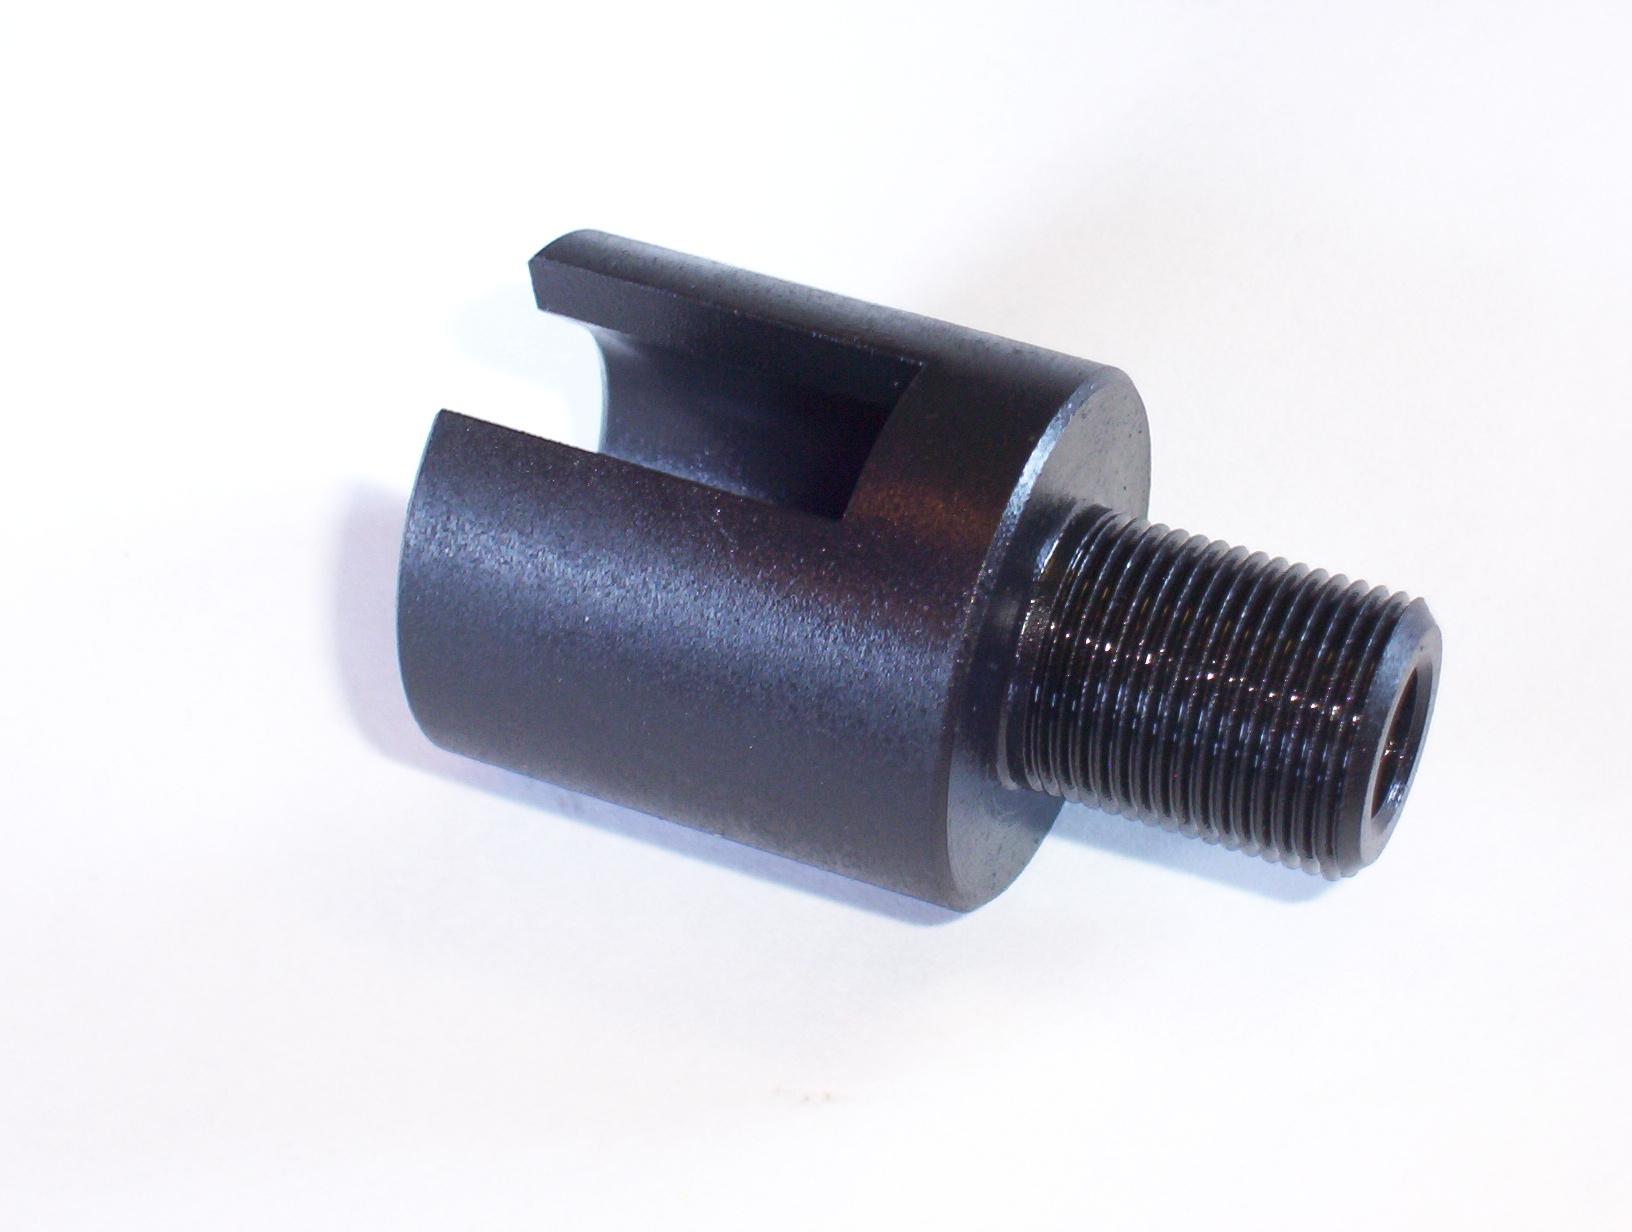 Barrel thread adapter for henry u s survival ar